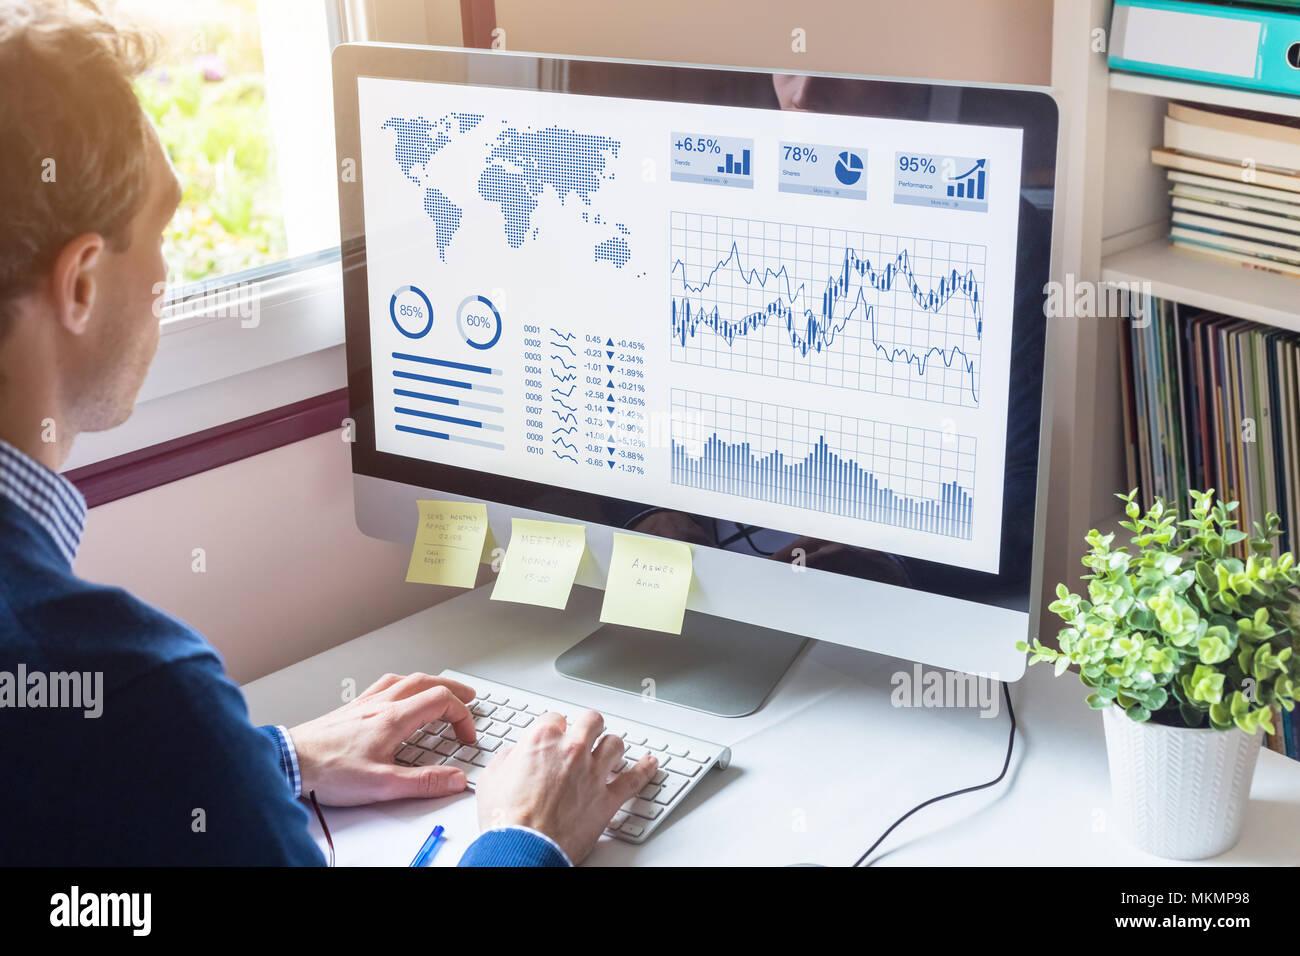 Analyse d'affaires analyse d'affaires (BA) ou Intelligence (BI) planche de bord avec des indicateurs de performance clés (KPI) et les mesures financières à prendre enq Photo Stock